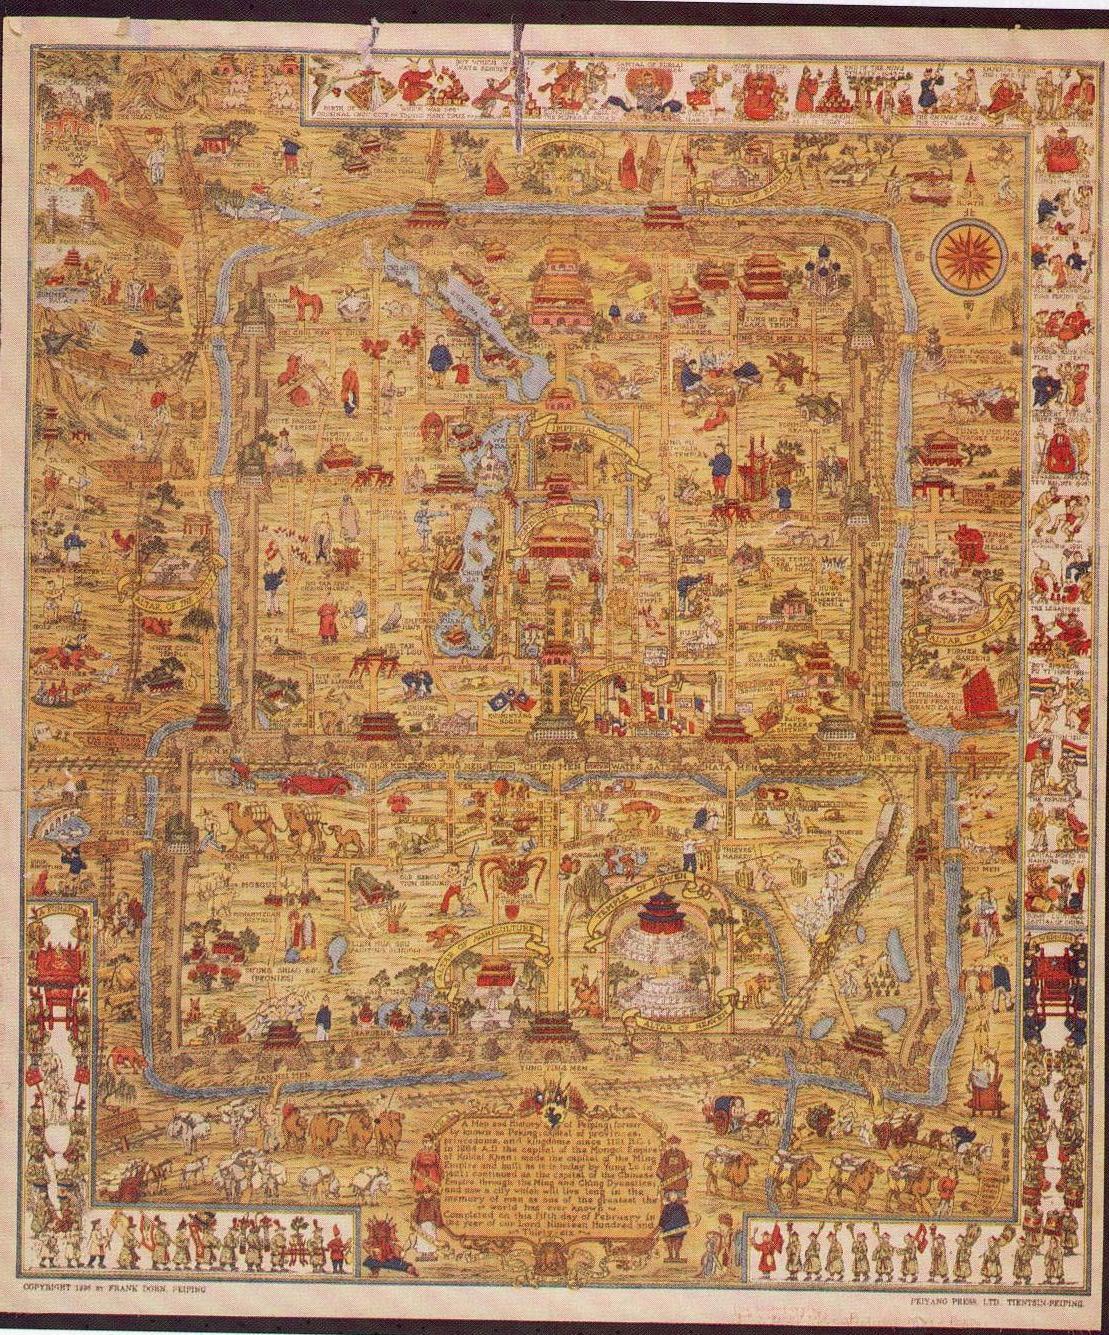 Glen Creason Map Aficionado - Jo mora los angeles map